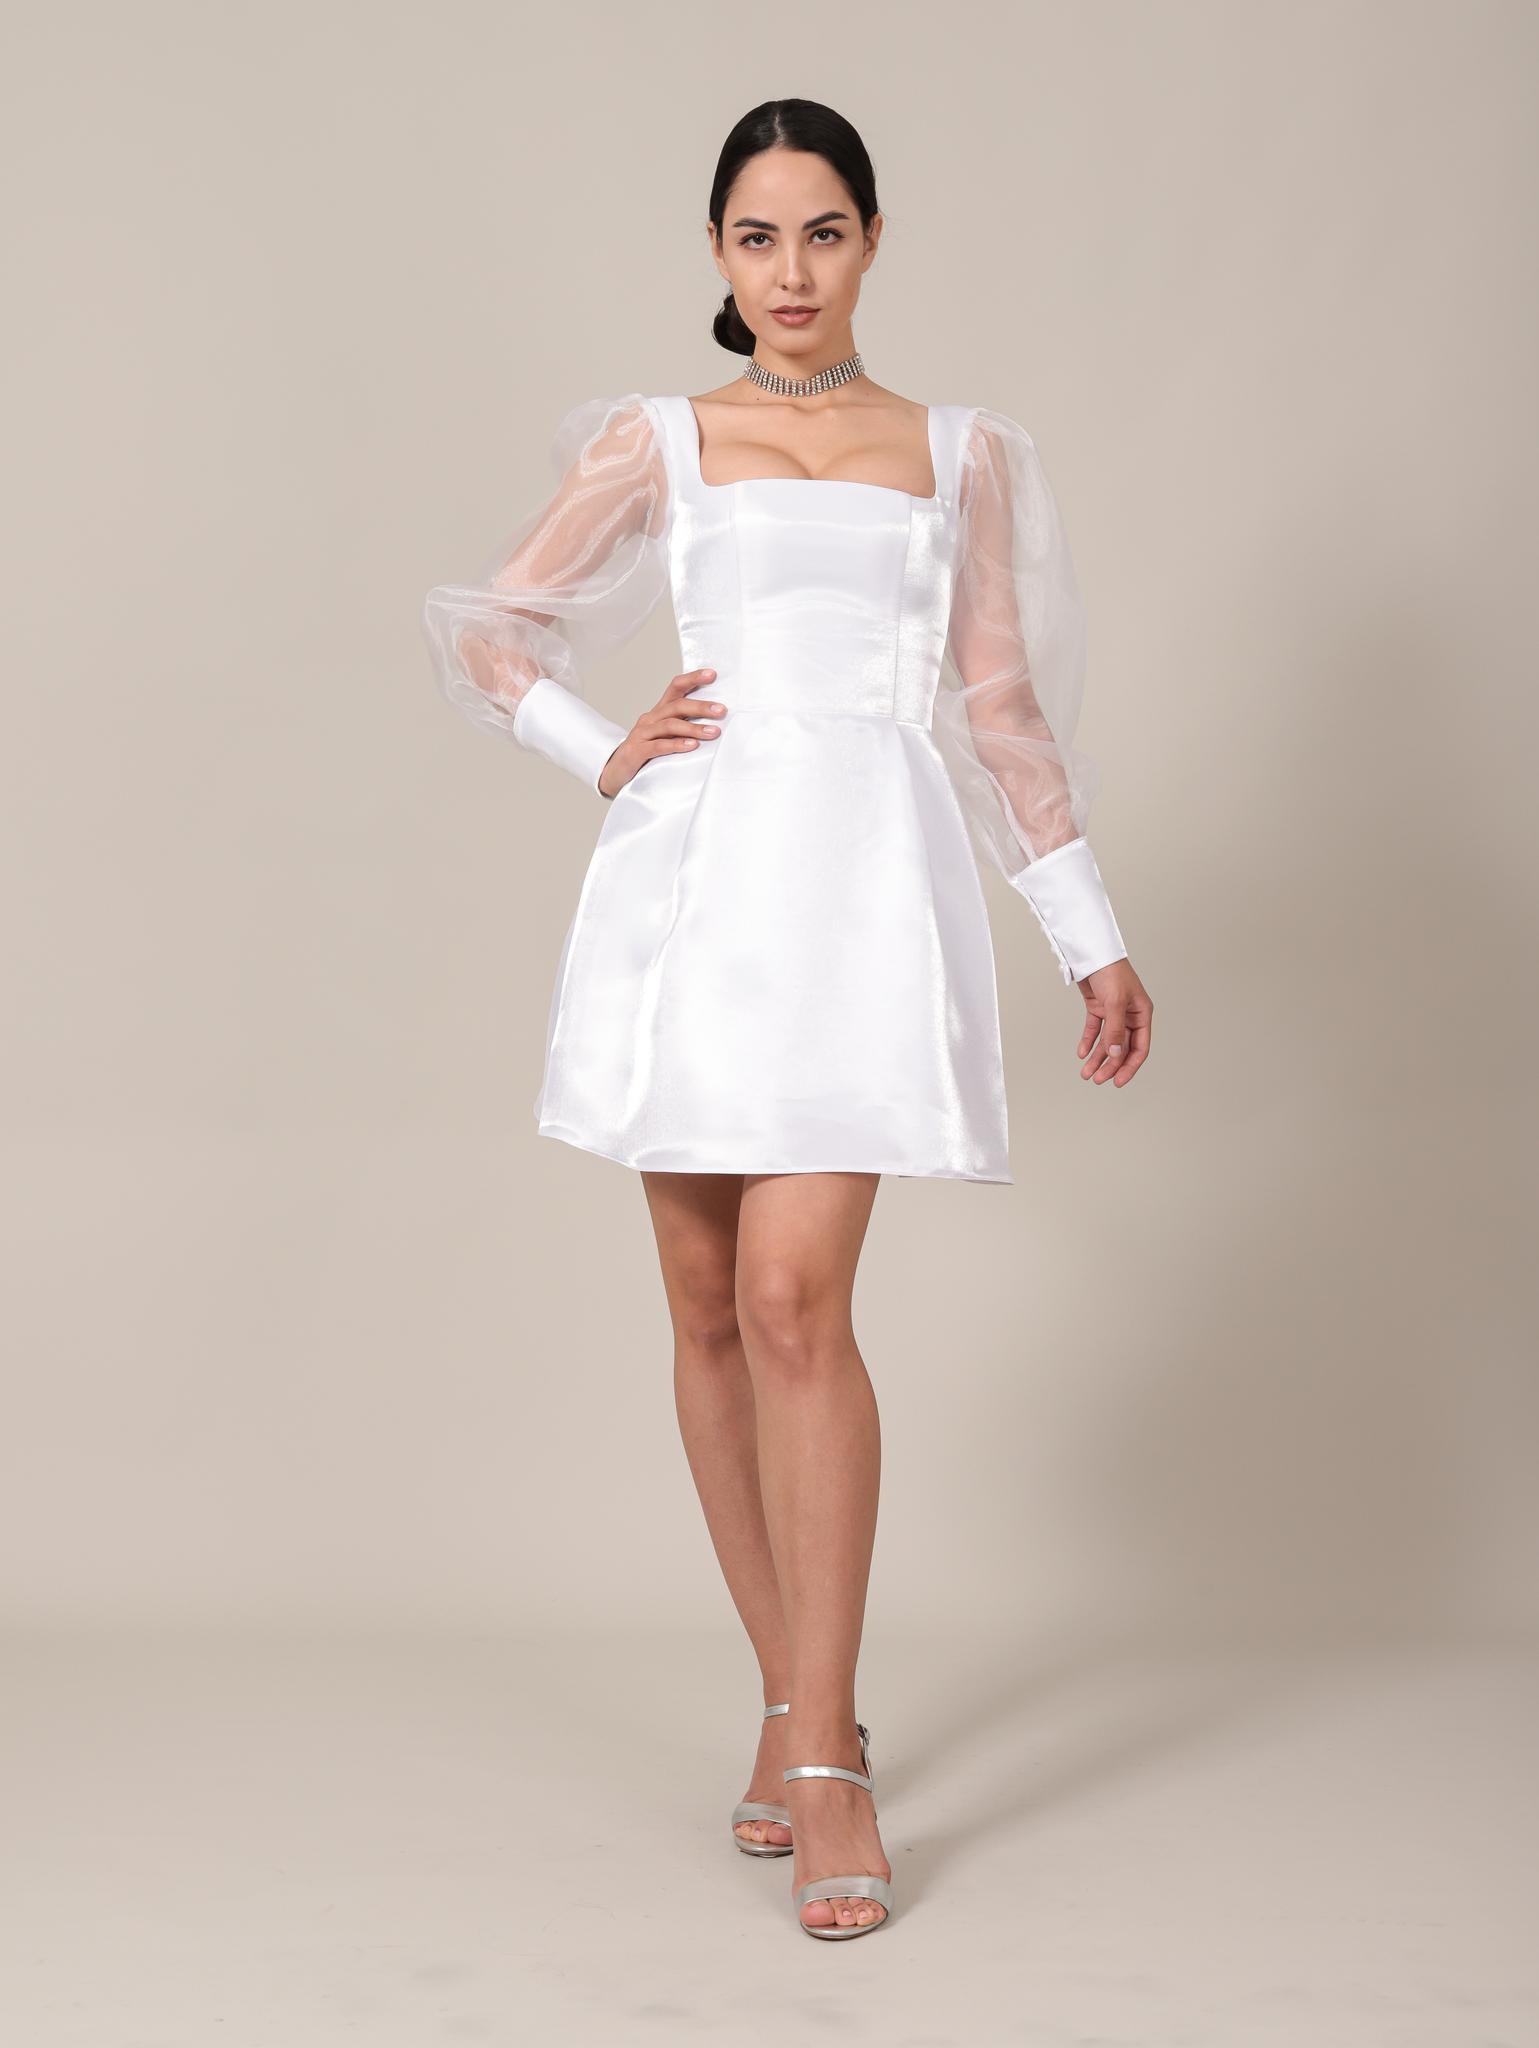 Свадебное / Нарядное платье из блестящей ткани с квадратным вырезом и длинными рукавами из фатина мини (белый)